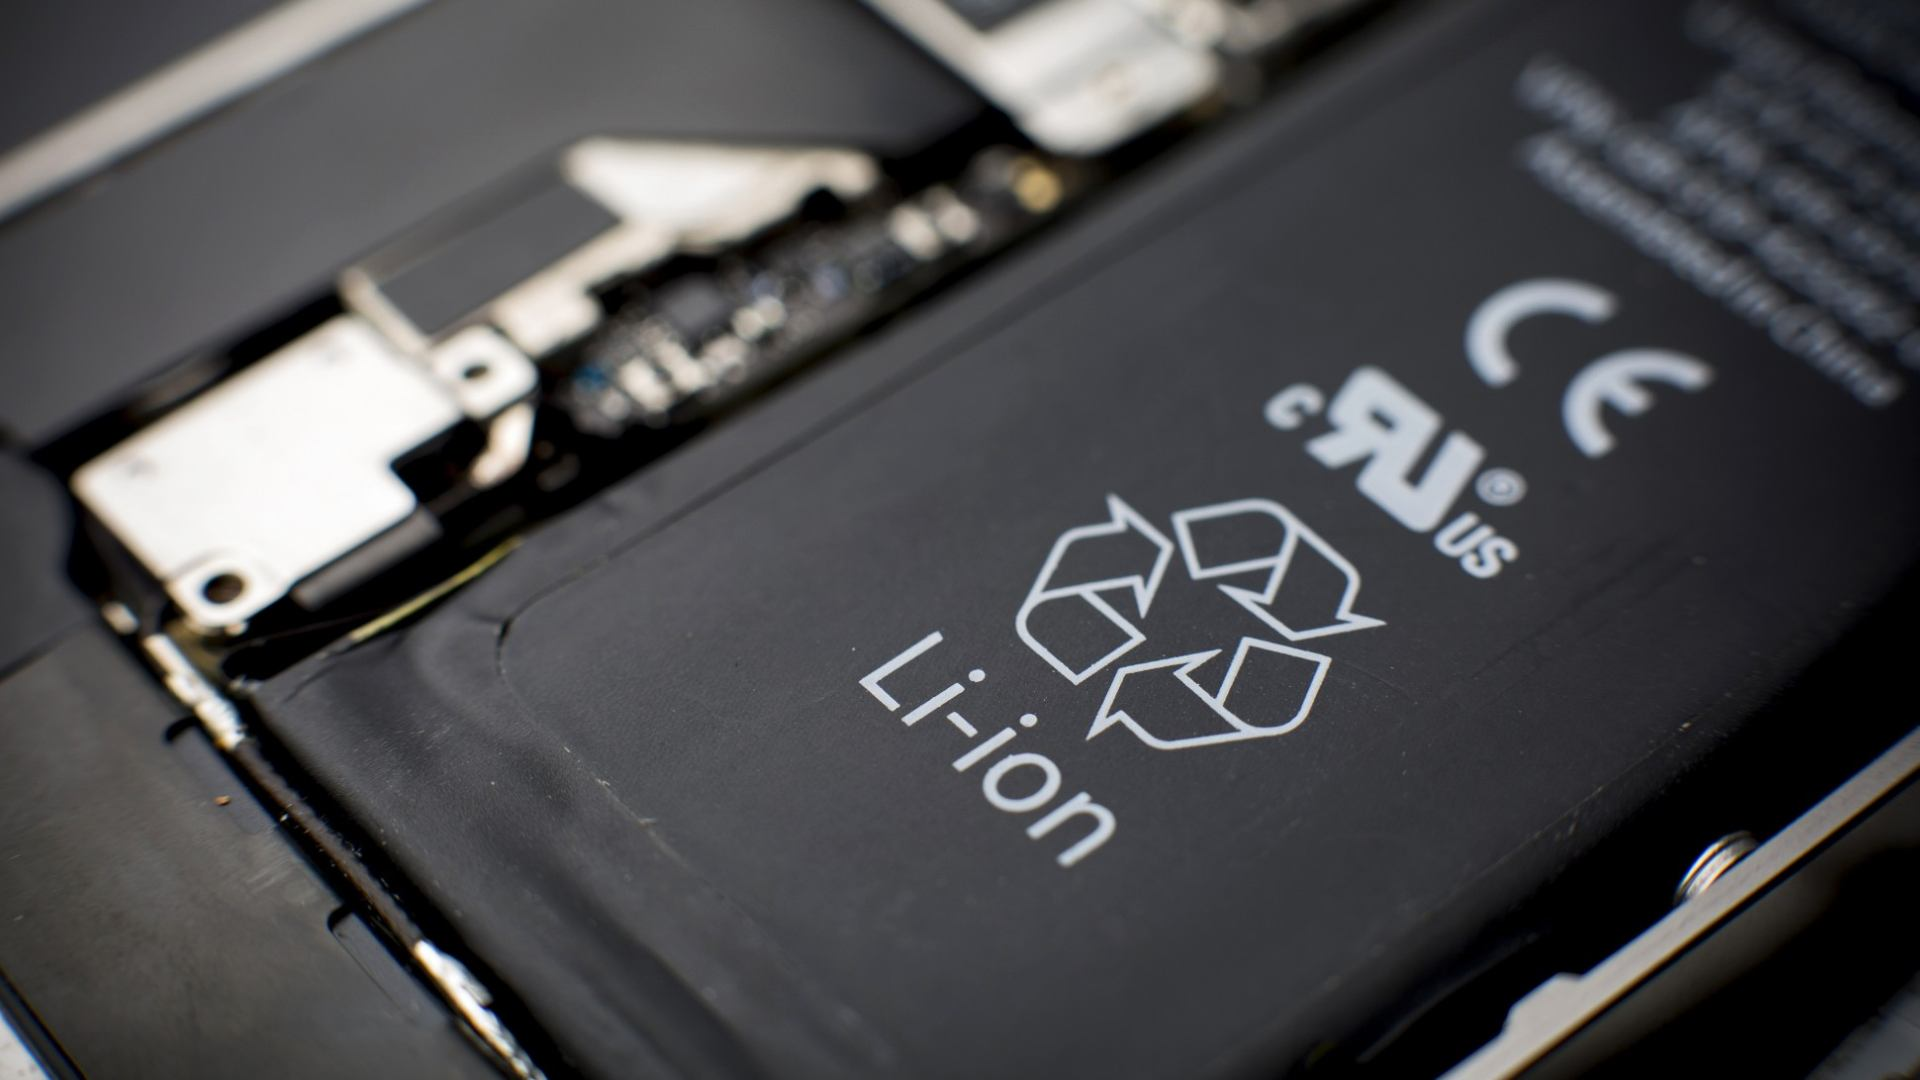 Raffreddare la batteria Android in modo semplice ed efficace 2